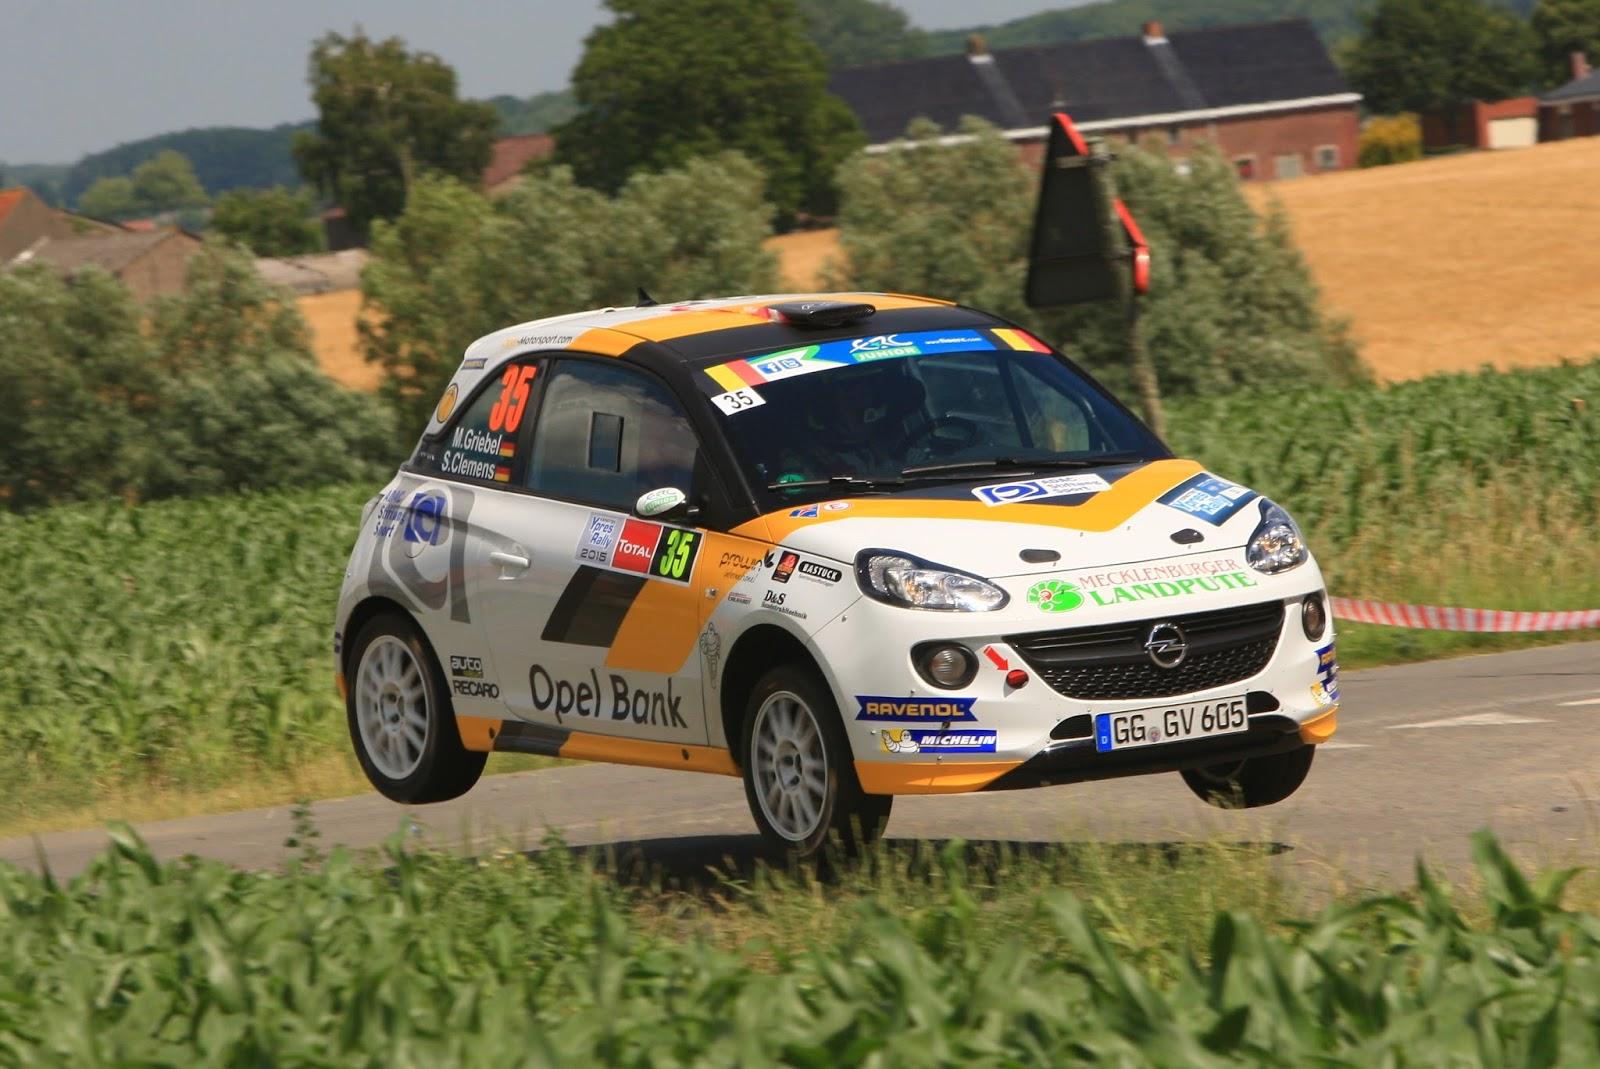 ADAC Opel Rallye Cup 2015 298100 Το Opel ADAM R2 αποδεικνύεται σε αγωνιστικό εργαλείο Opel, Opel ADAM, Opel ADAM R2, Rally